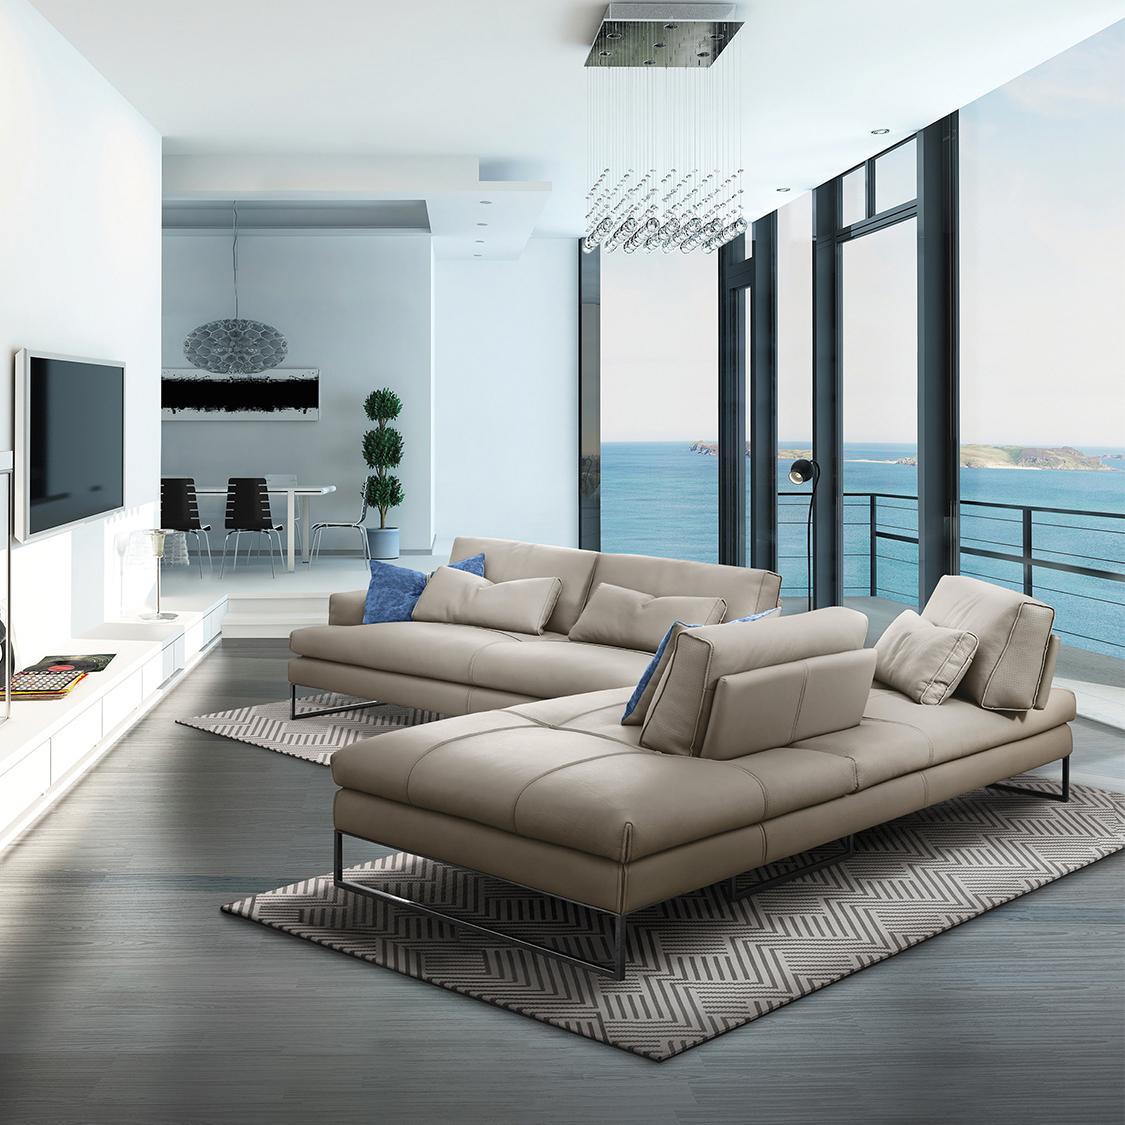 Versatile Italian Furniture